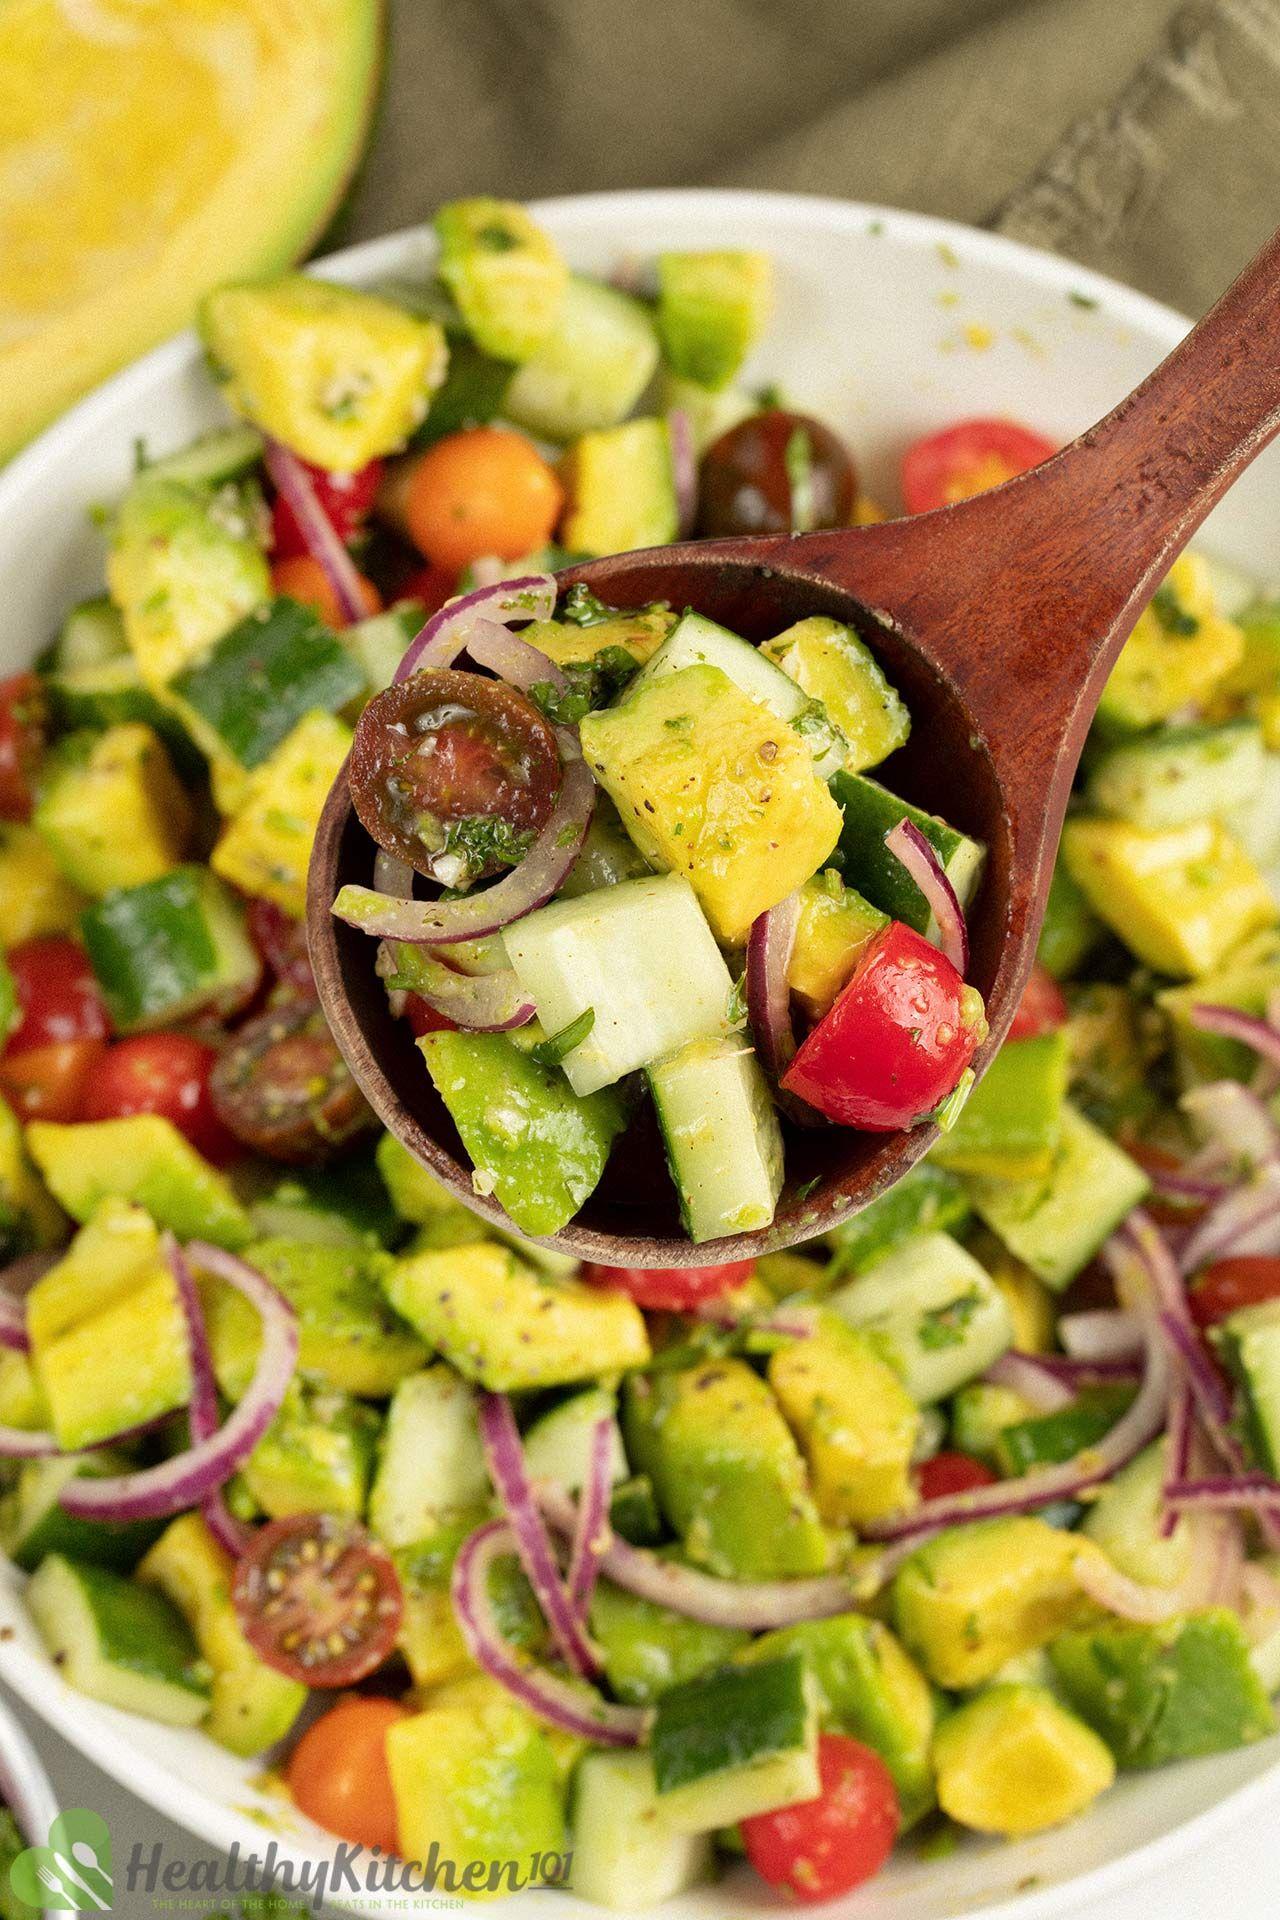 Homemade Avocado Sald Recipe